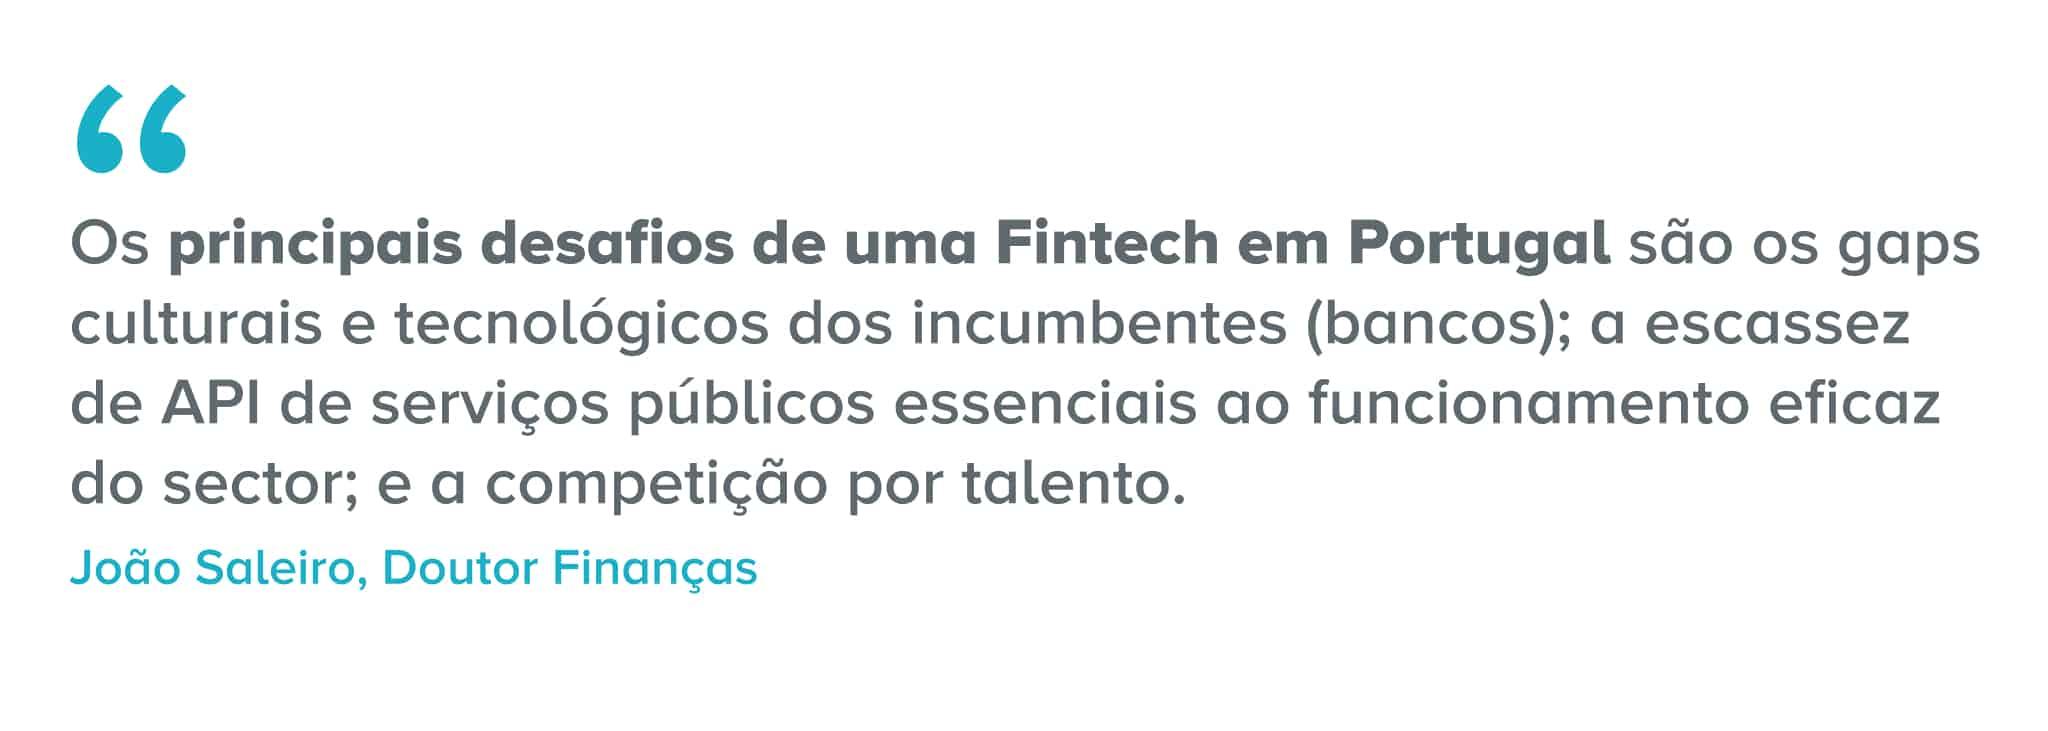 Citação: Os principais desafios de uma Fintech em Portugal são os gaps culturais e tecnológicos dos incumbentes (bancos); a escassez de API de serviços públicos essenciais ao funcionamento eficaz do sector; e a competição por talento